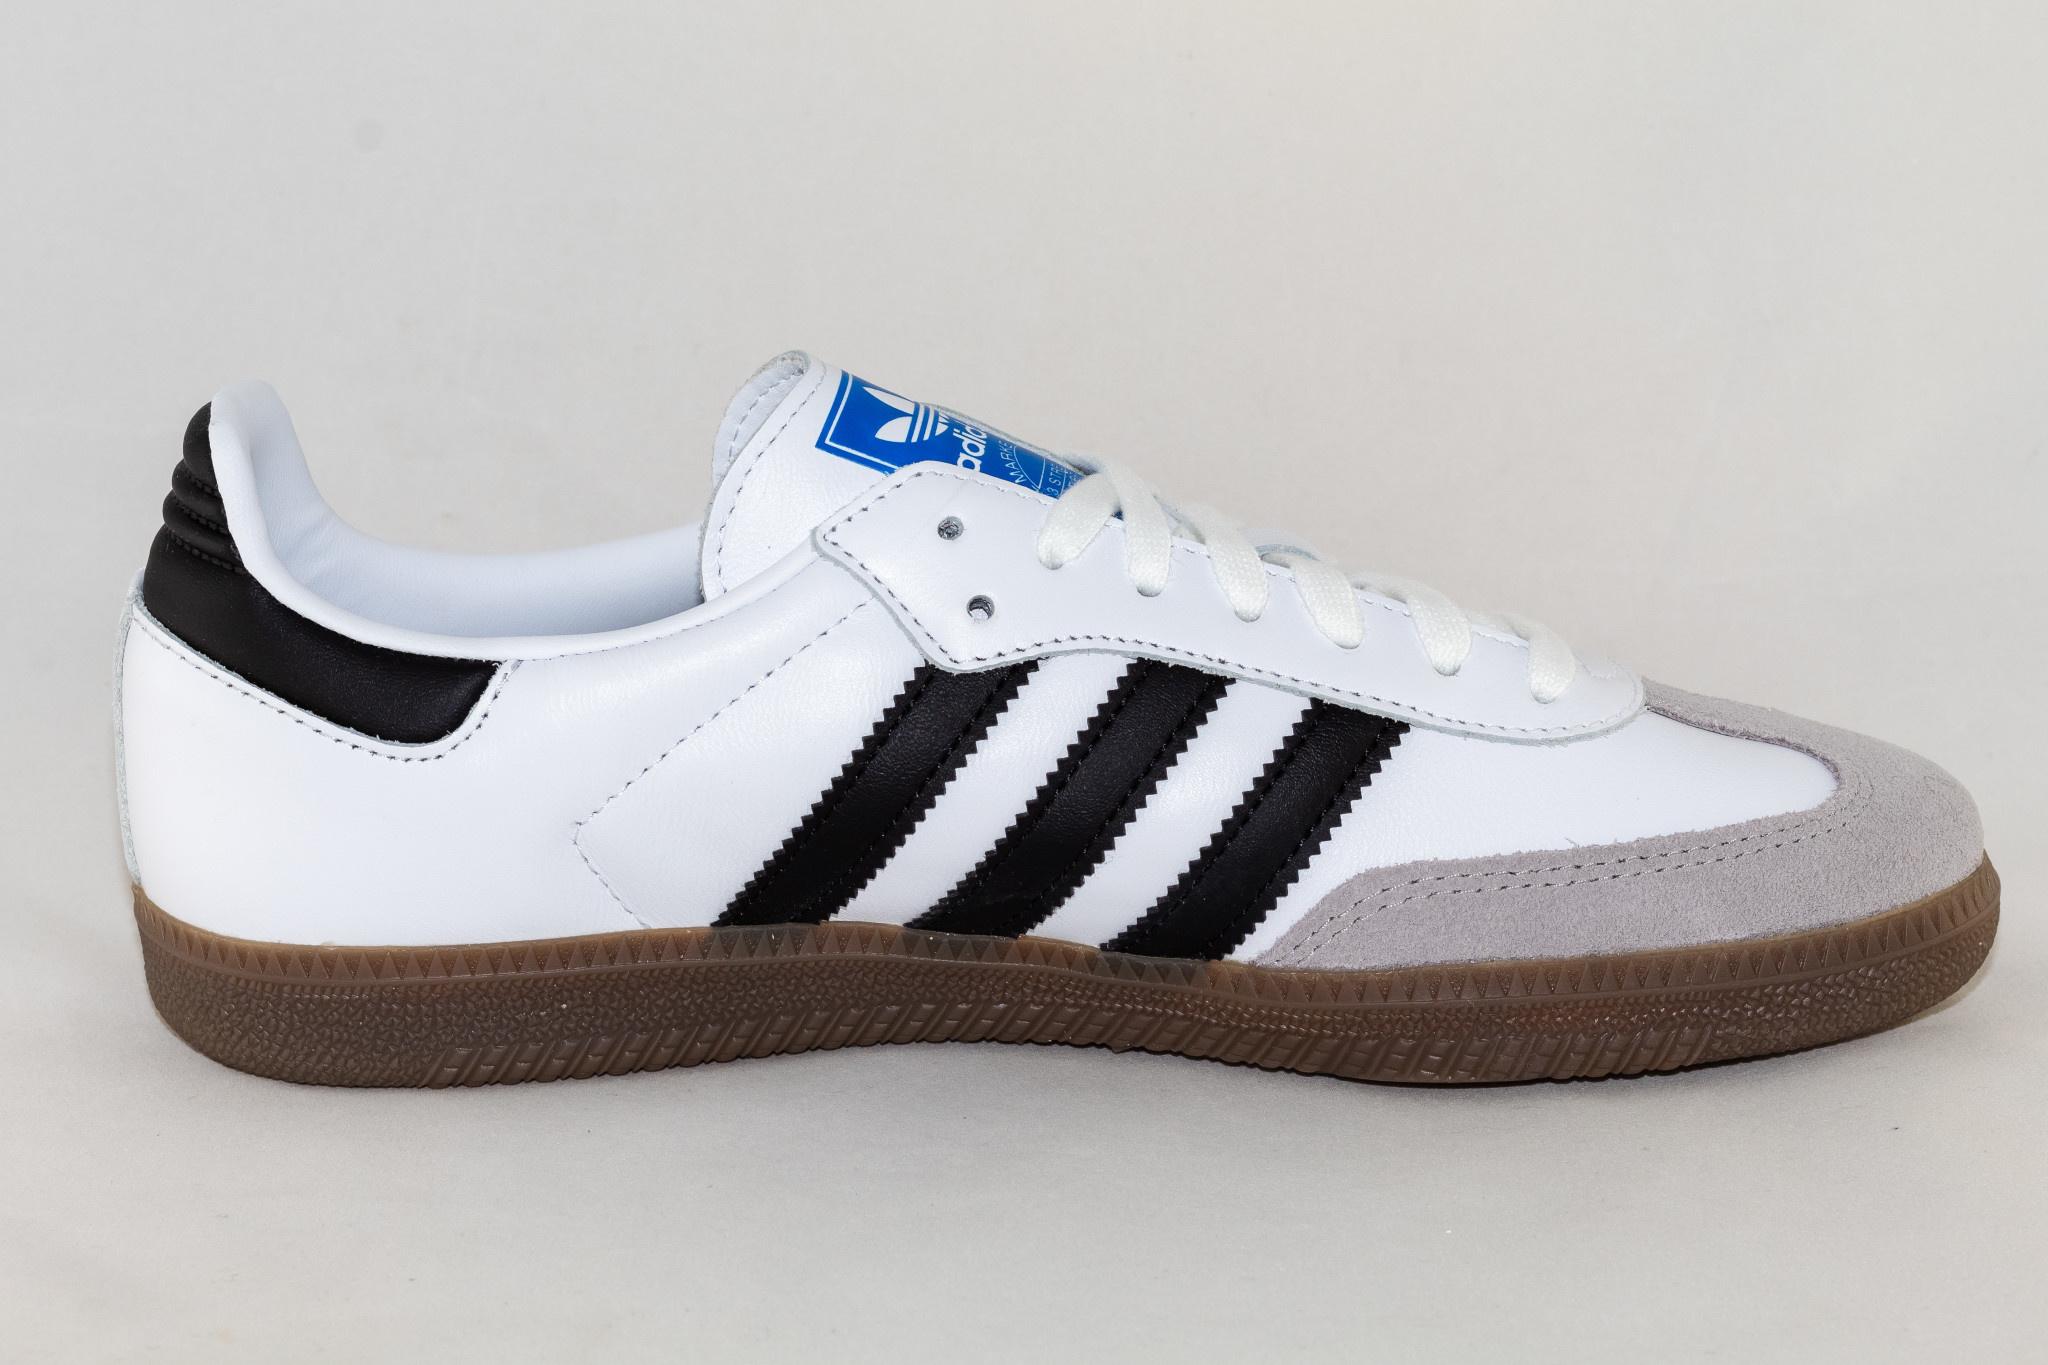 Adidas ADIDAS SAMBA OG Ftwwht/ Cblack/ Cgrani